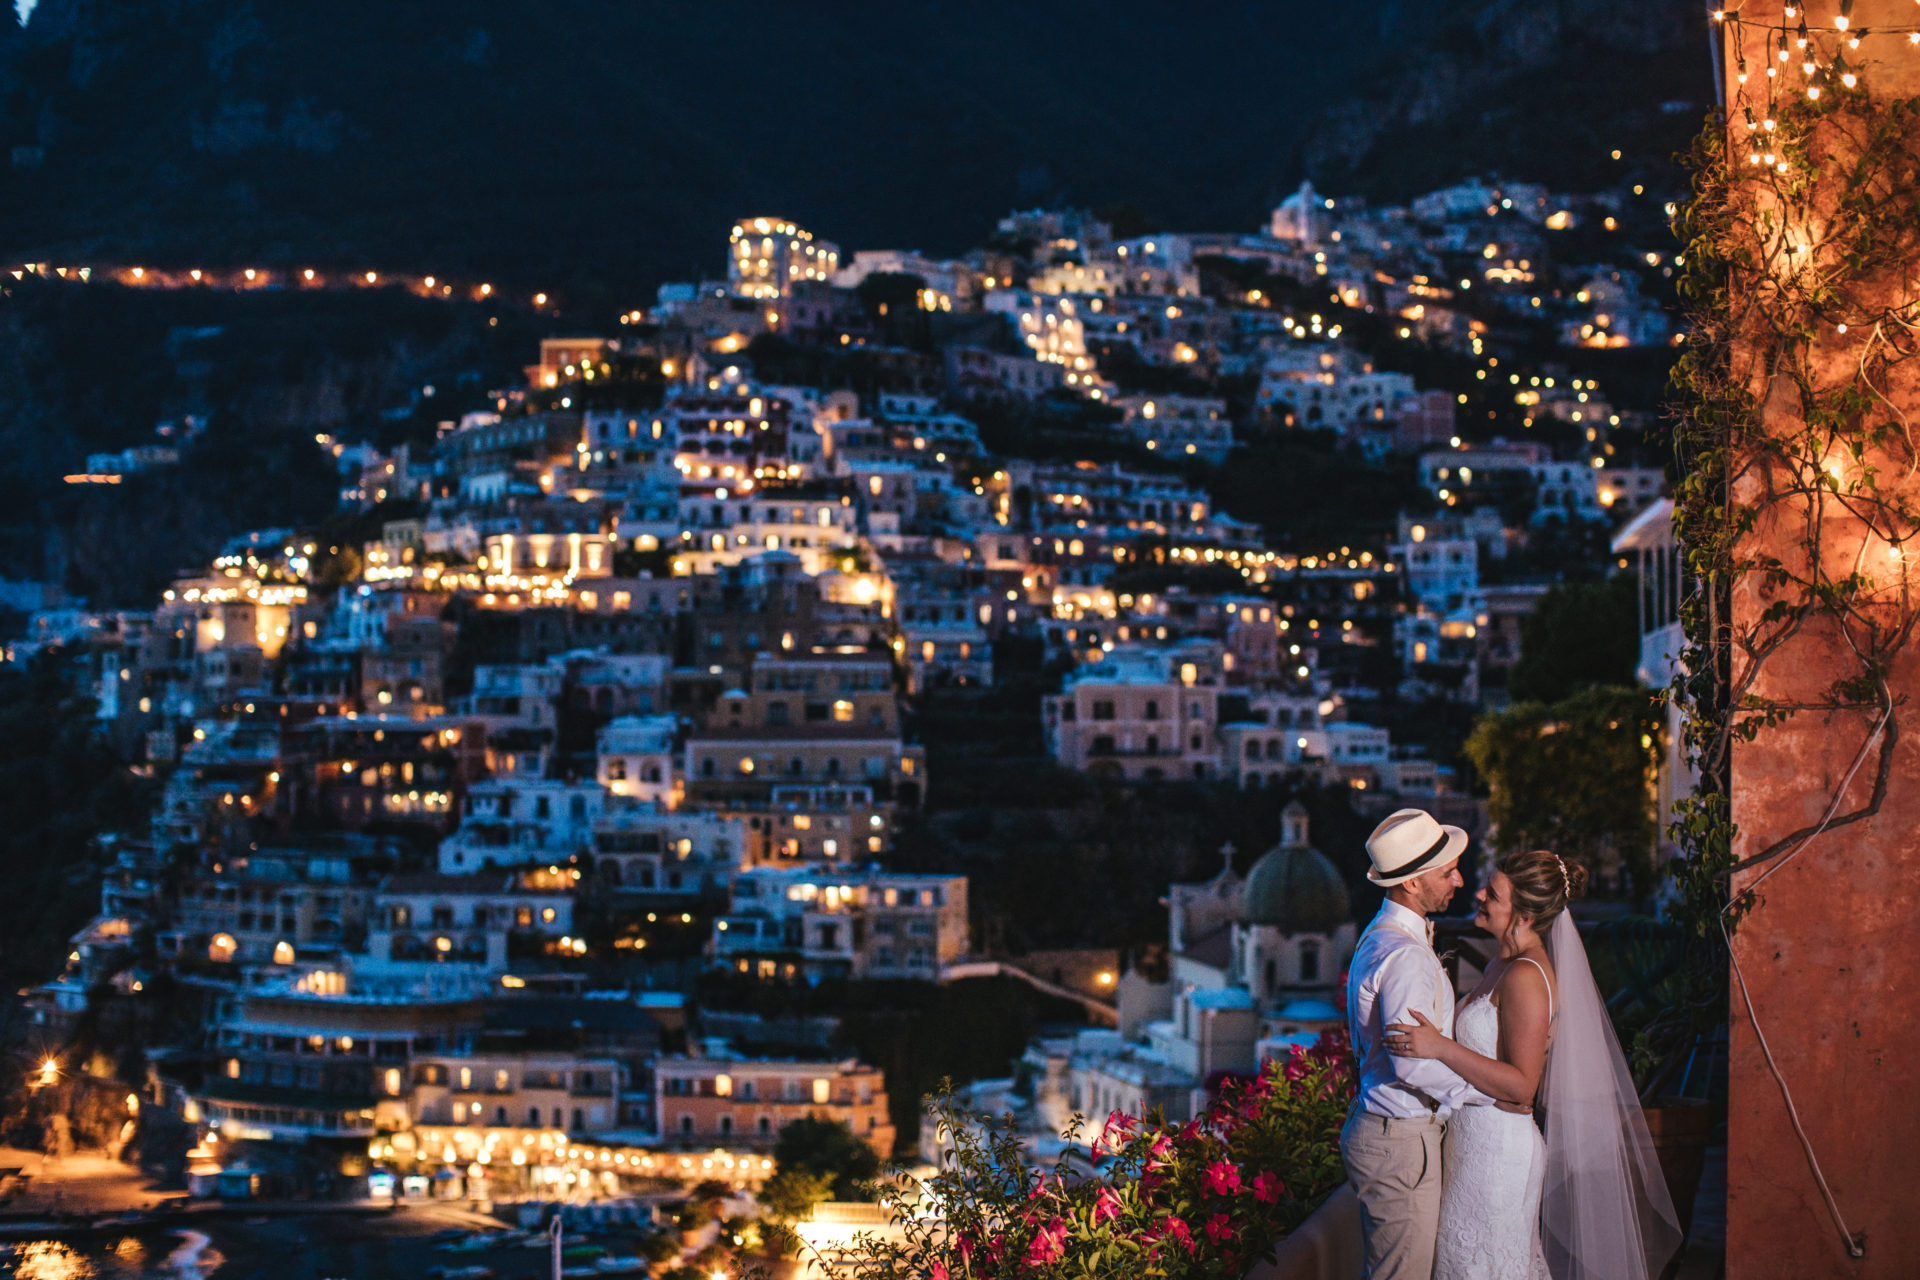 positano wedding at night